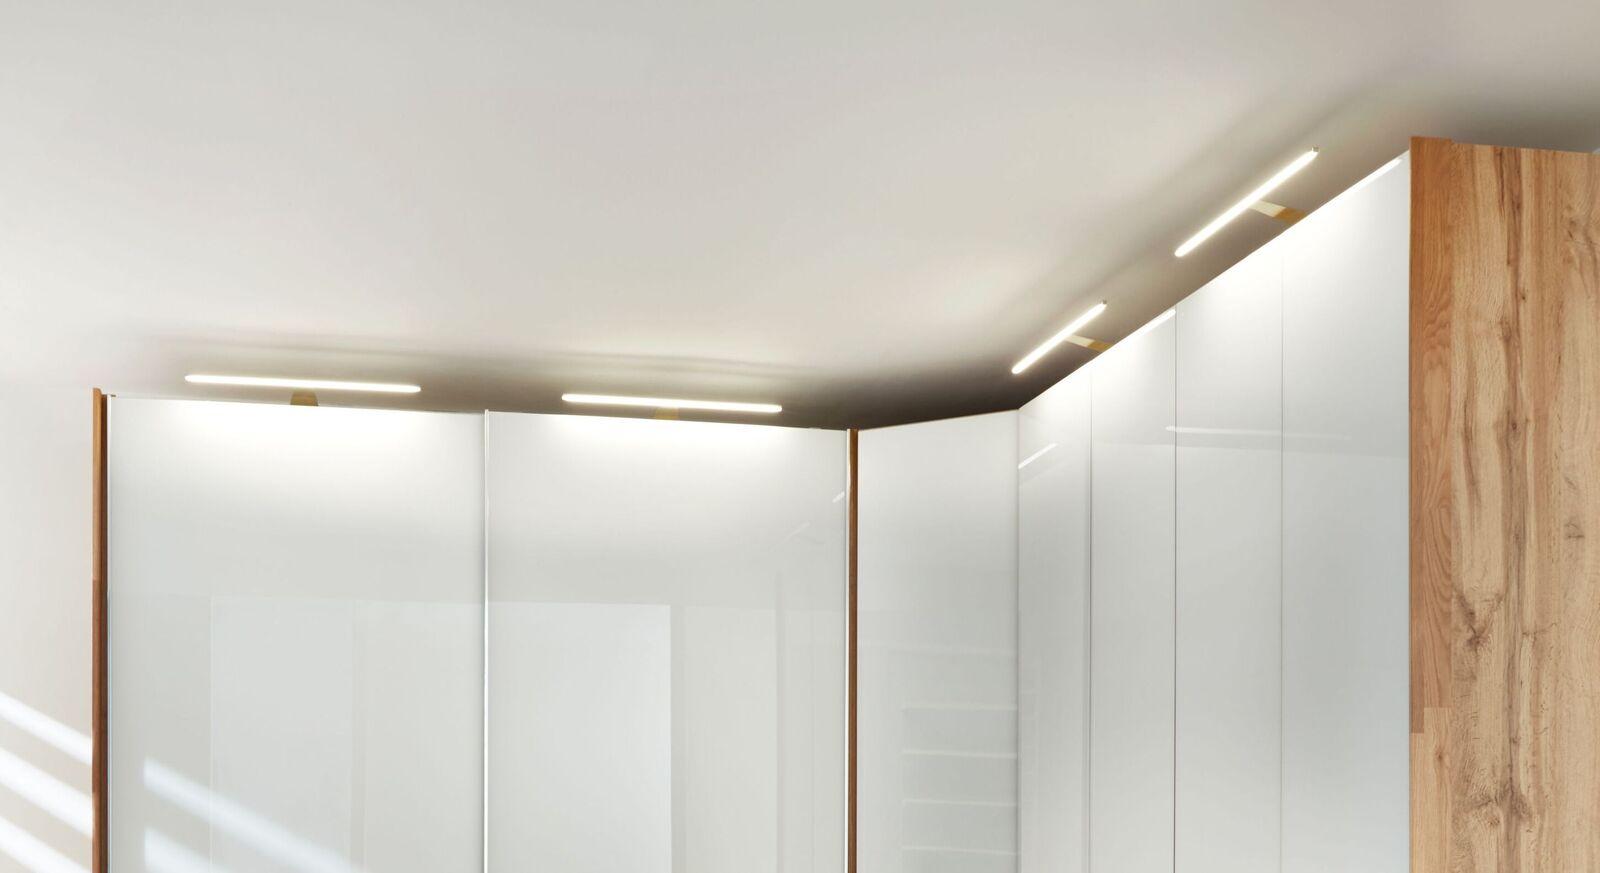 INTERLIVING Kleiderschrank LED-Aufsatzleuchten